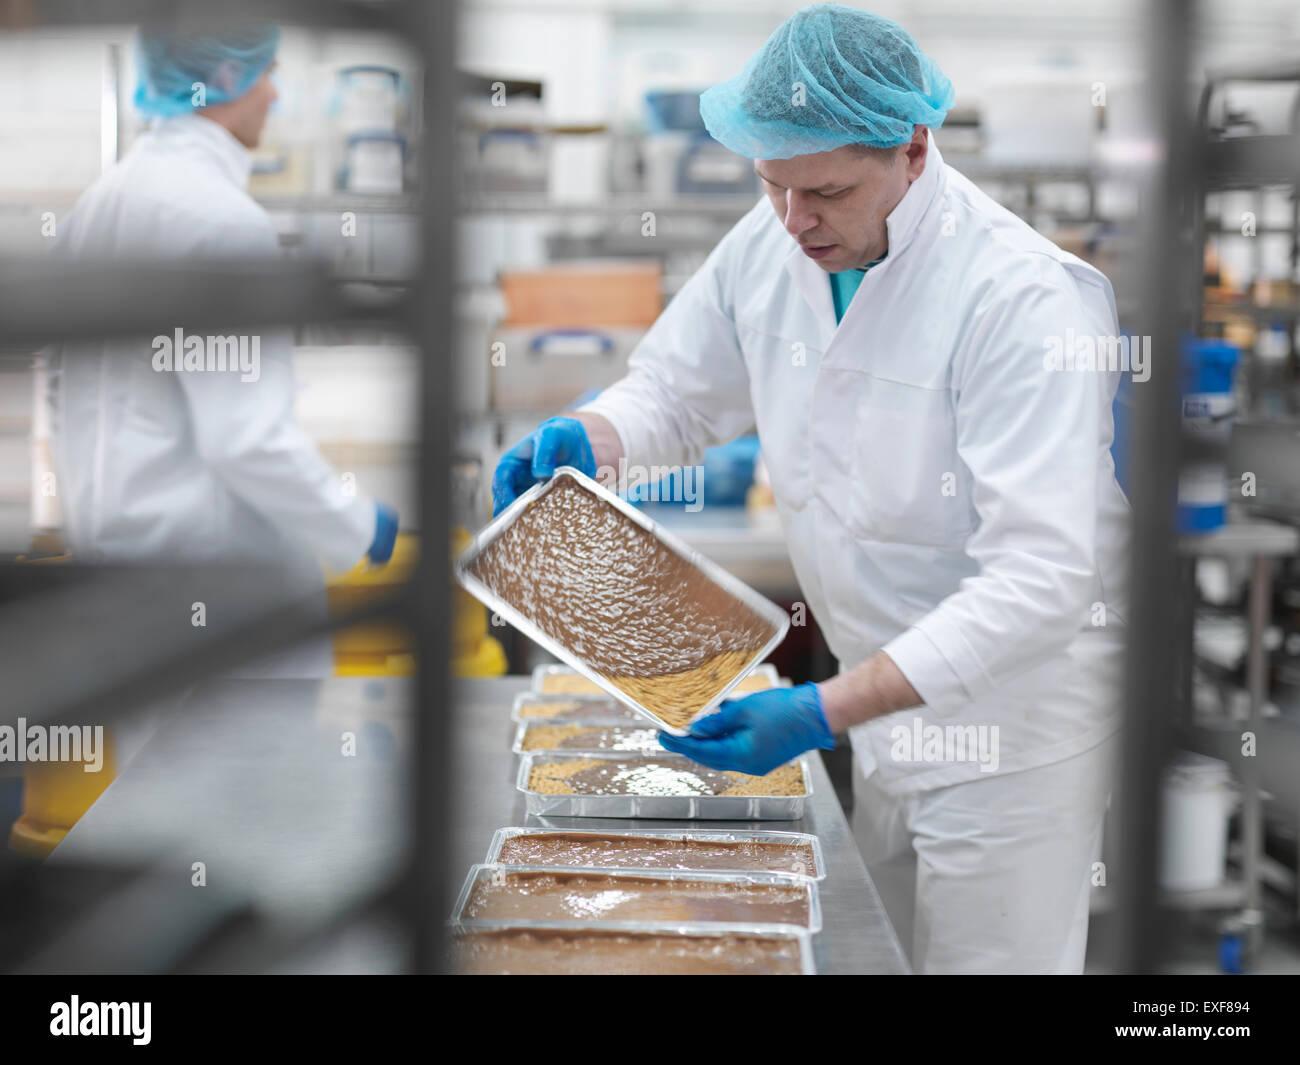 Mannliche Arbeiter Giessen Schokolade Kuchen Fabrik Stockfoto Bild